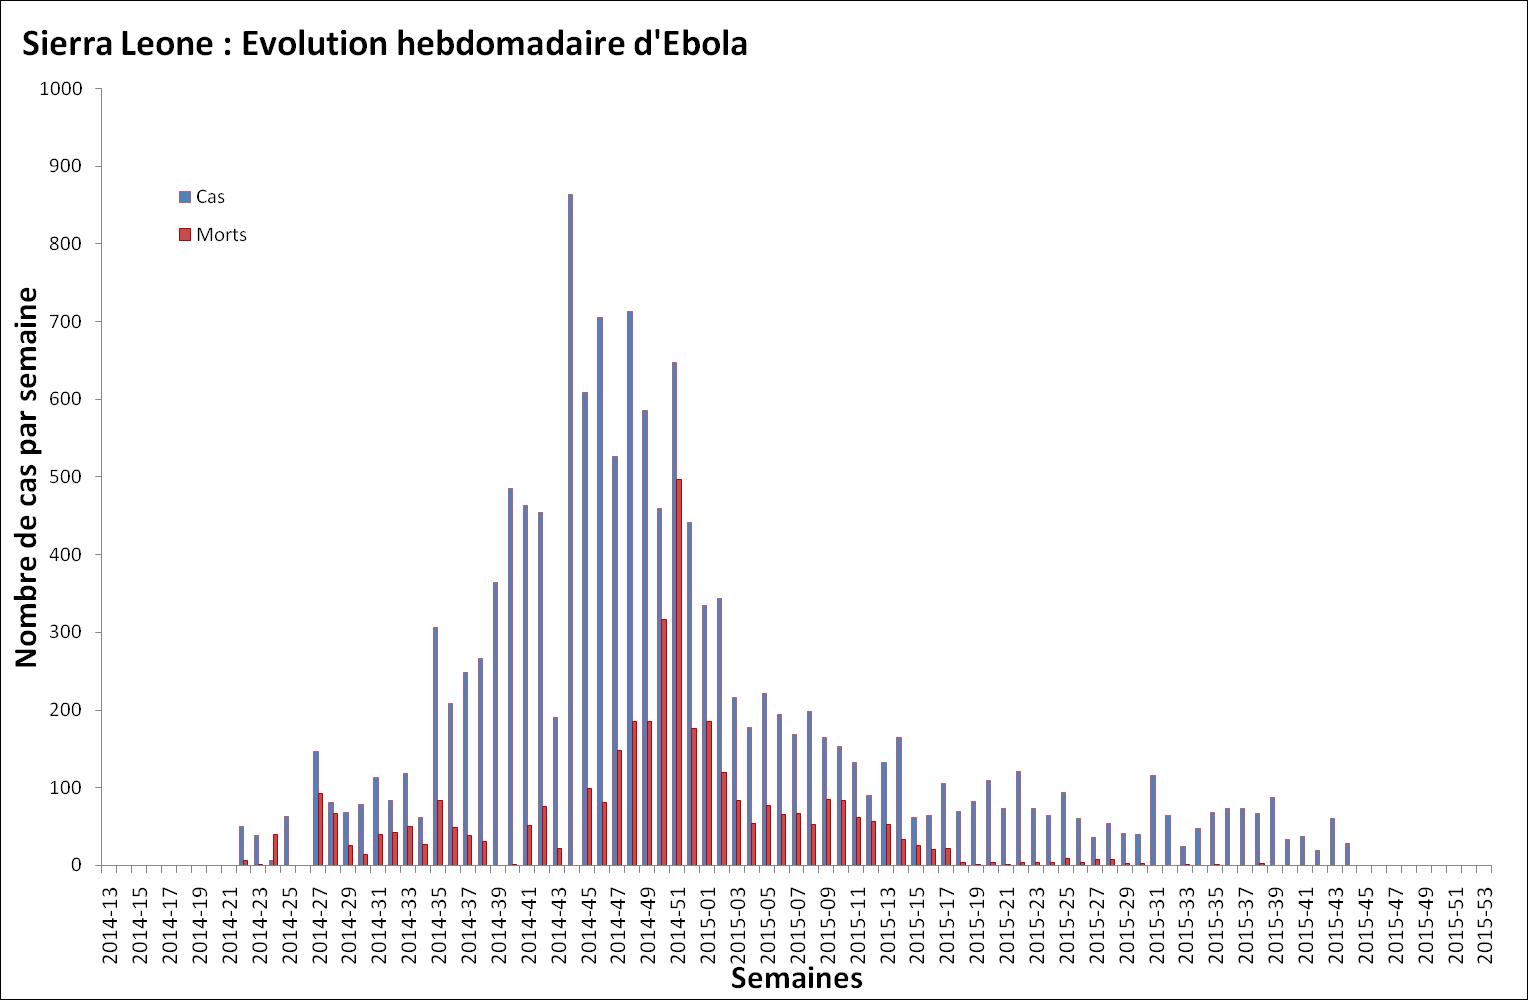 Nombre de malades et de décès dus au virus Ebola survenant chaque semaine en Sierra Leone